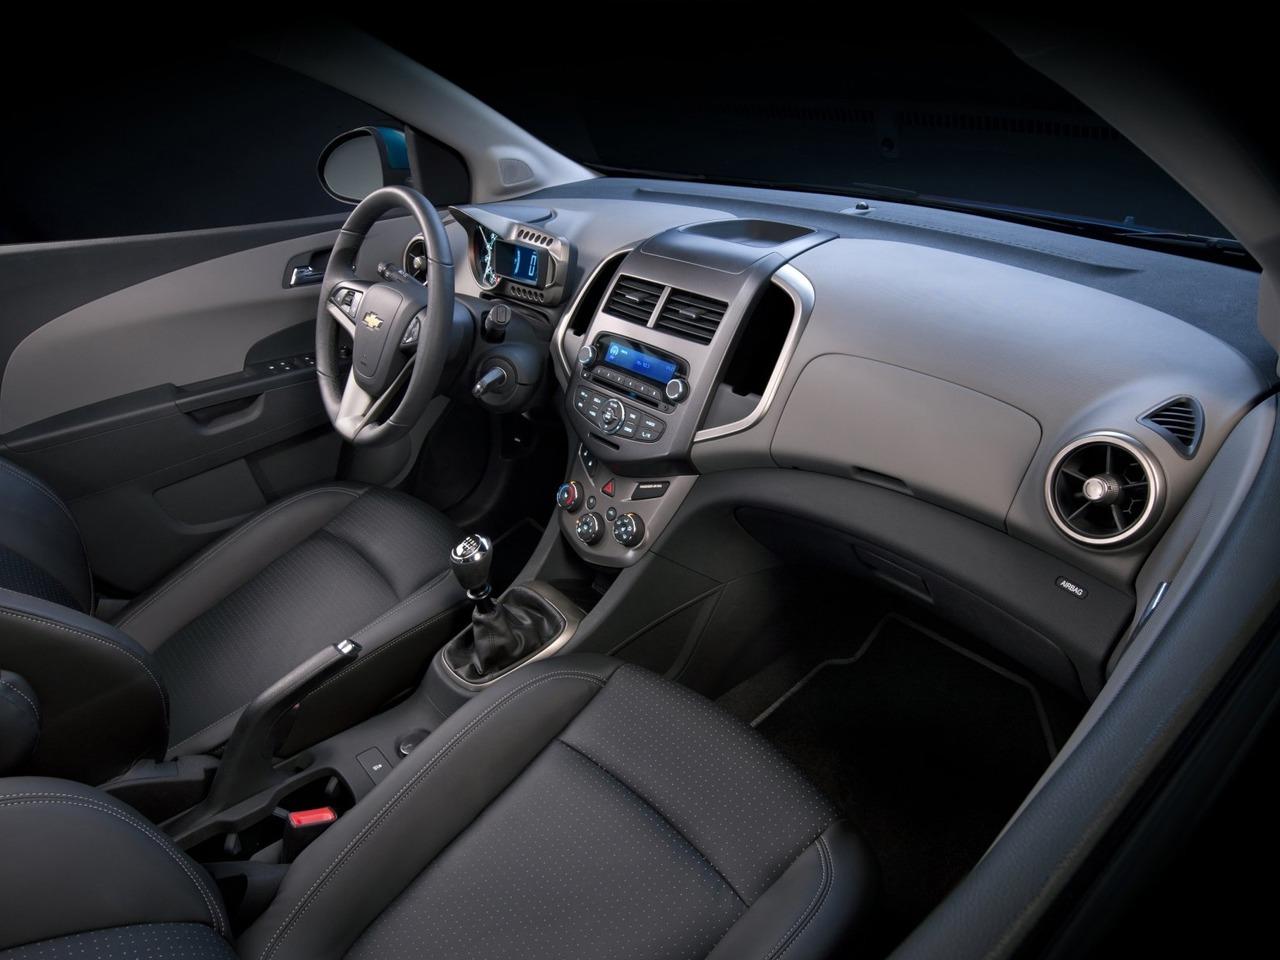 Снимки: Chevrolet Aveo 2 Sedan